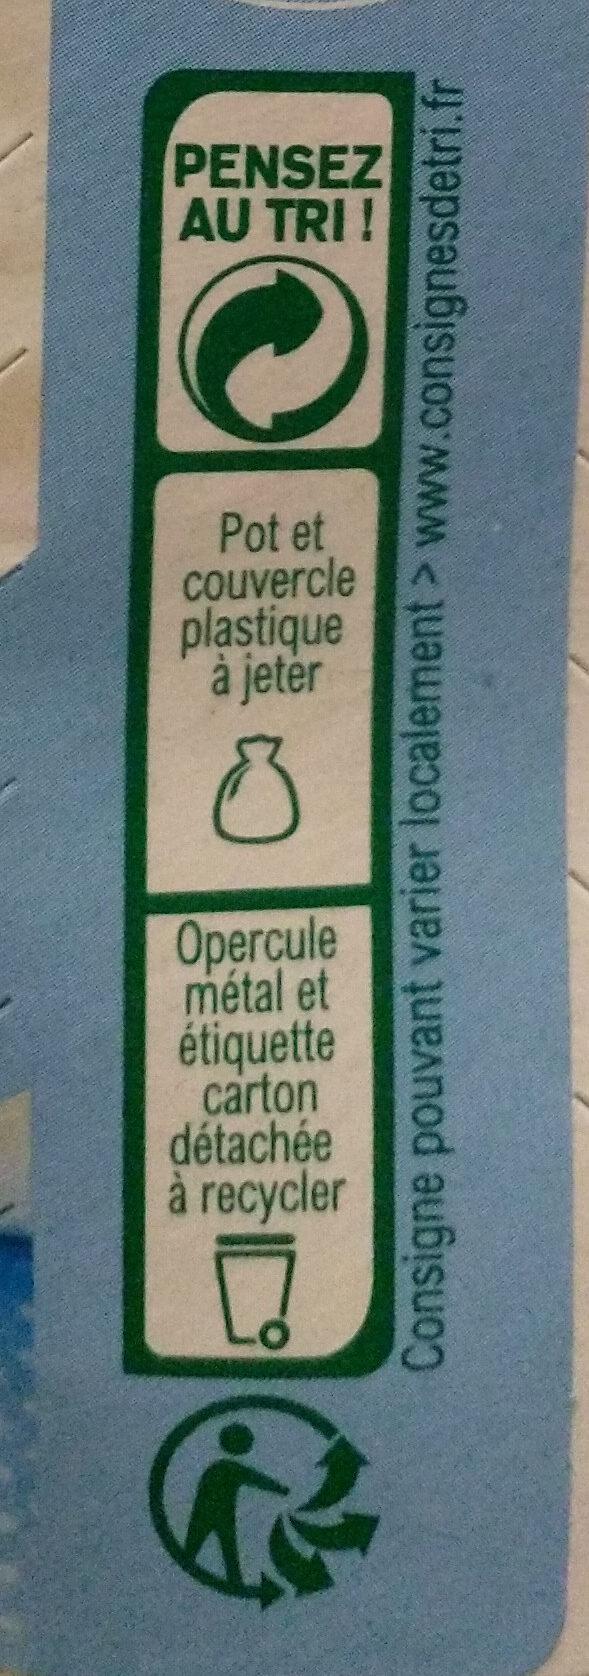 Fromage blanc au lait de brebis - Instruction de recyclage et/ou information d'emballage - fr